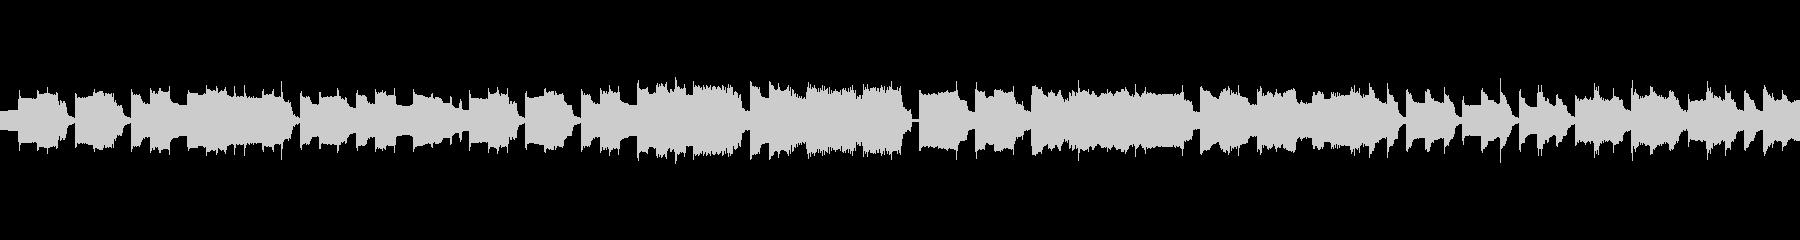 ファミコン風レトロRPGフィールド-冒険の未再生の波形